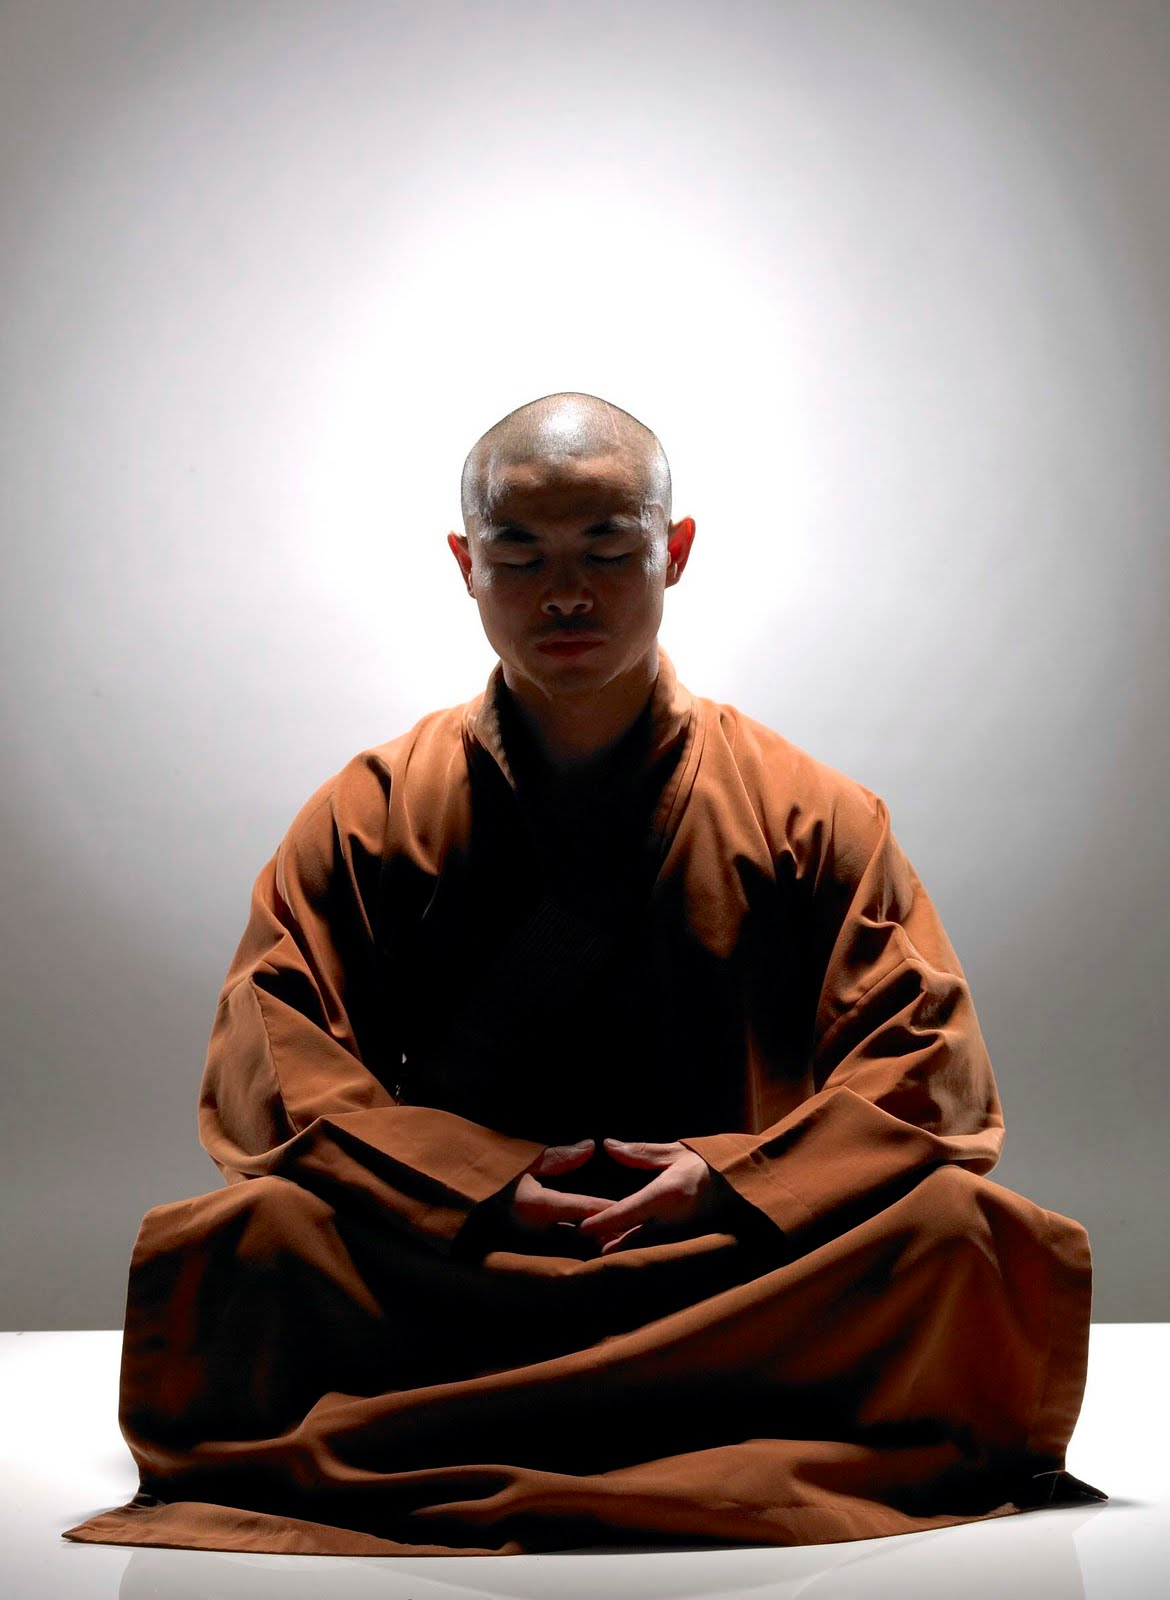 shaolin-meditation.jpg